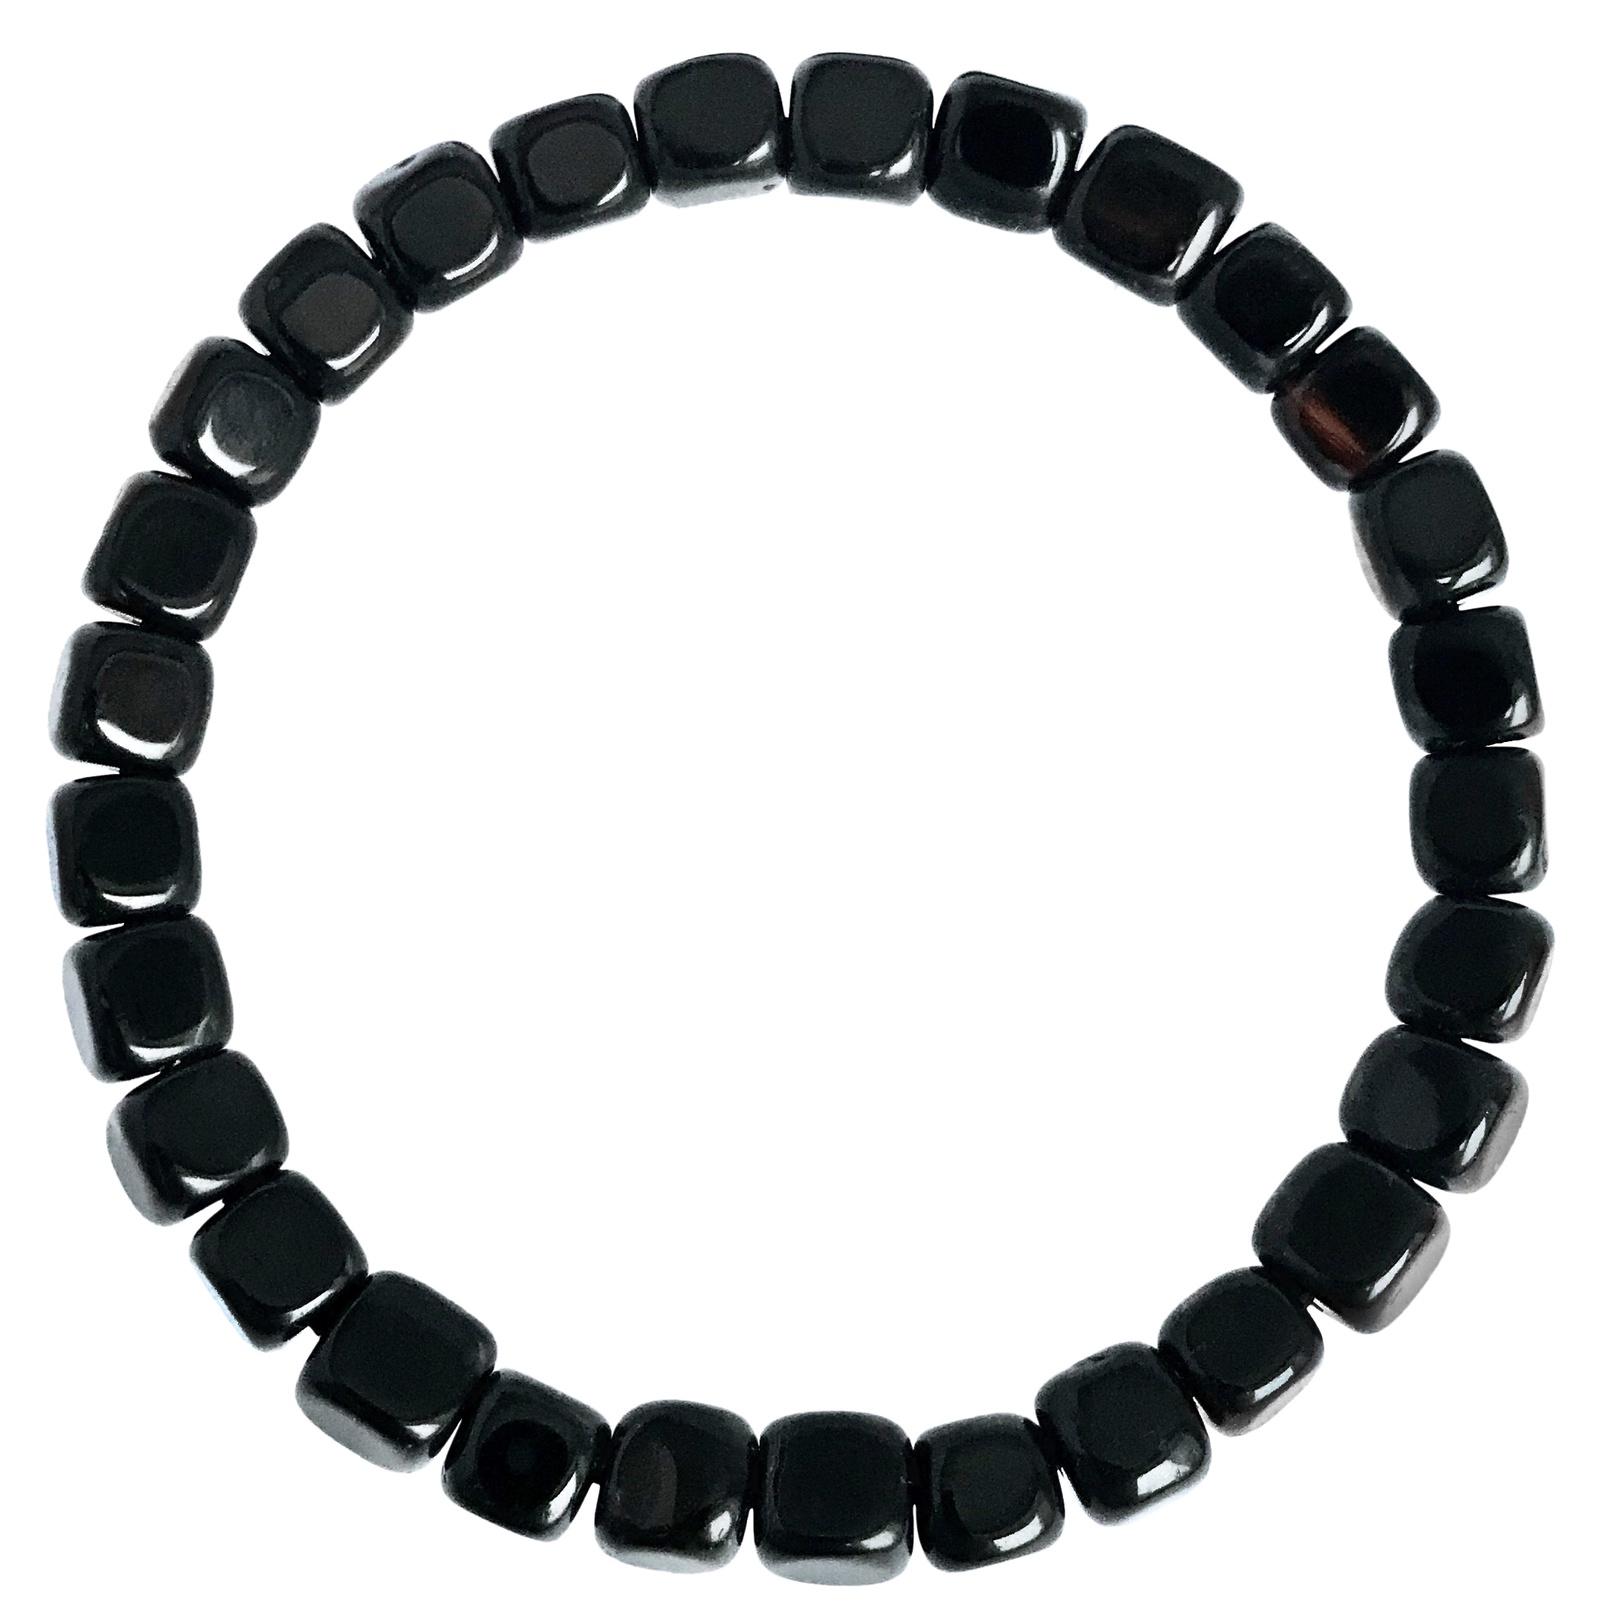 Браслет бижутерный Мастерская Морозова Viking Black Onyx, Натуральный камень, Оникс, 20 см цена